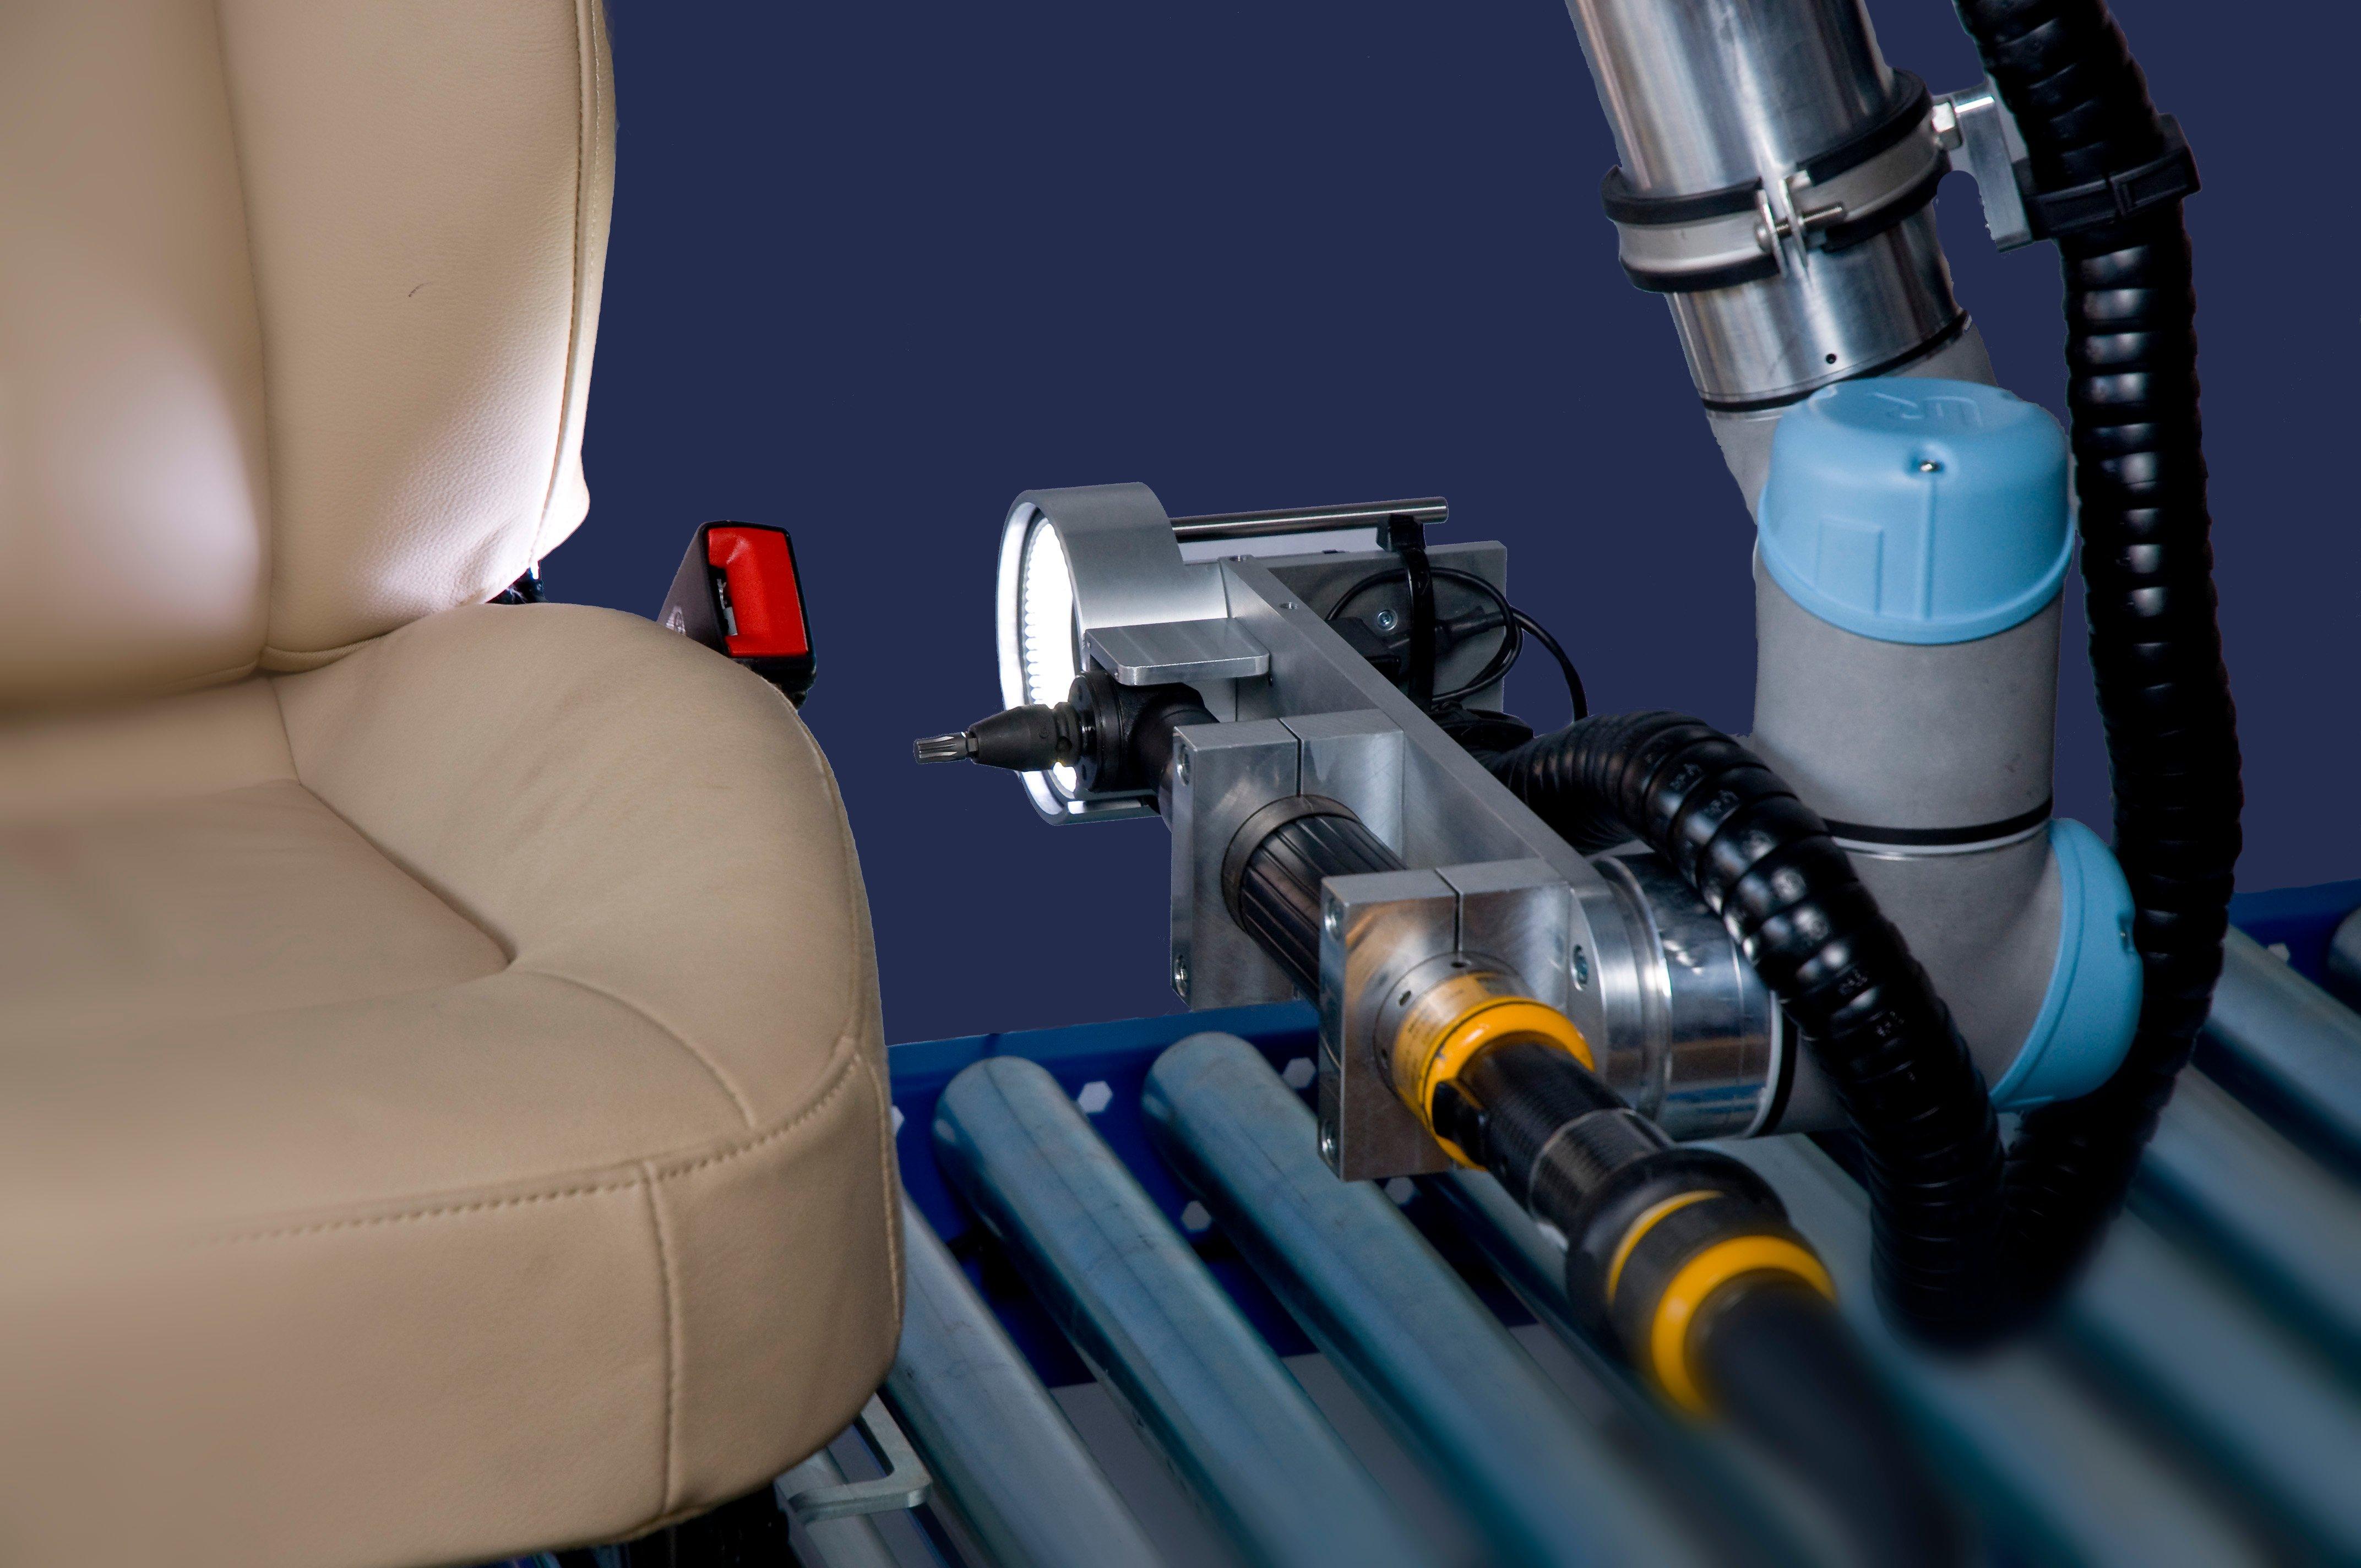 Der UR5 ist mit einem 2D Bildverarbeitungssystem ausgestattet und sorgt so für eine sichere Verschraubung der Autositze